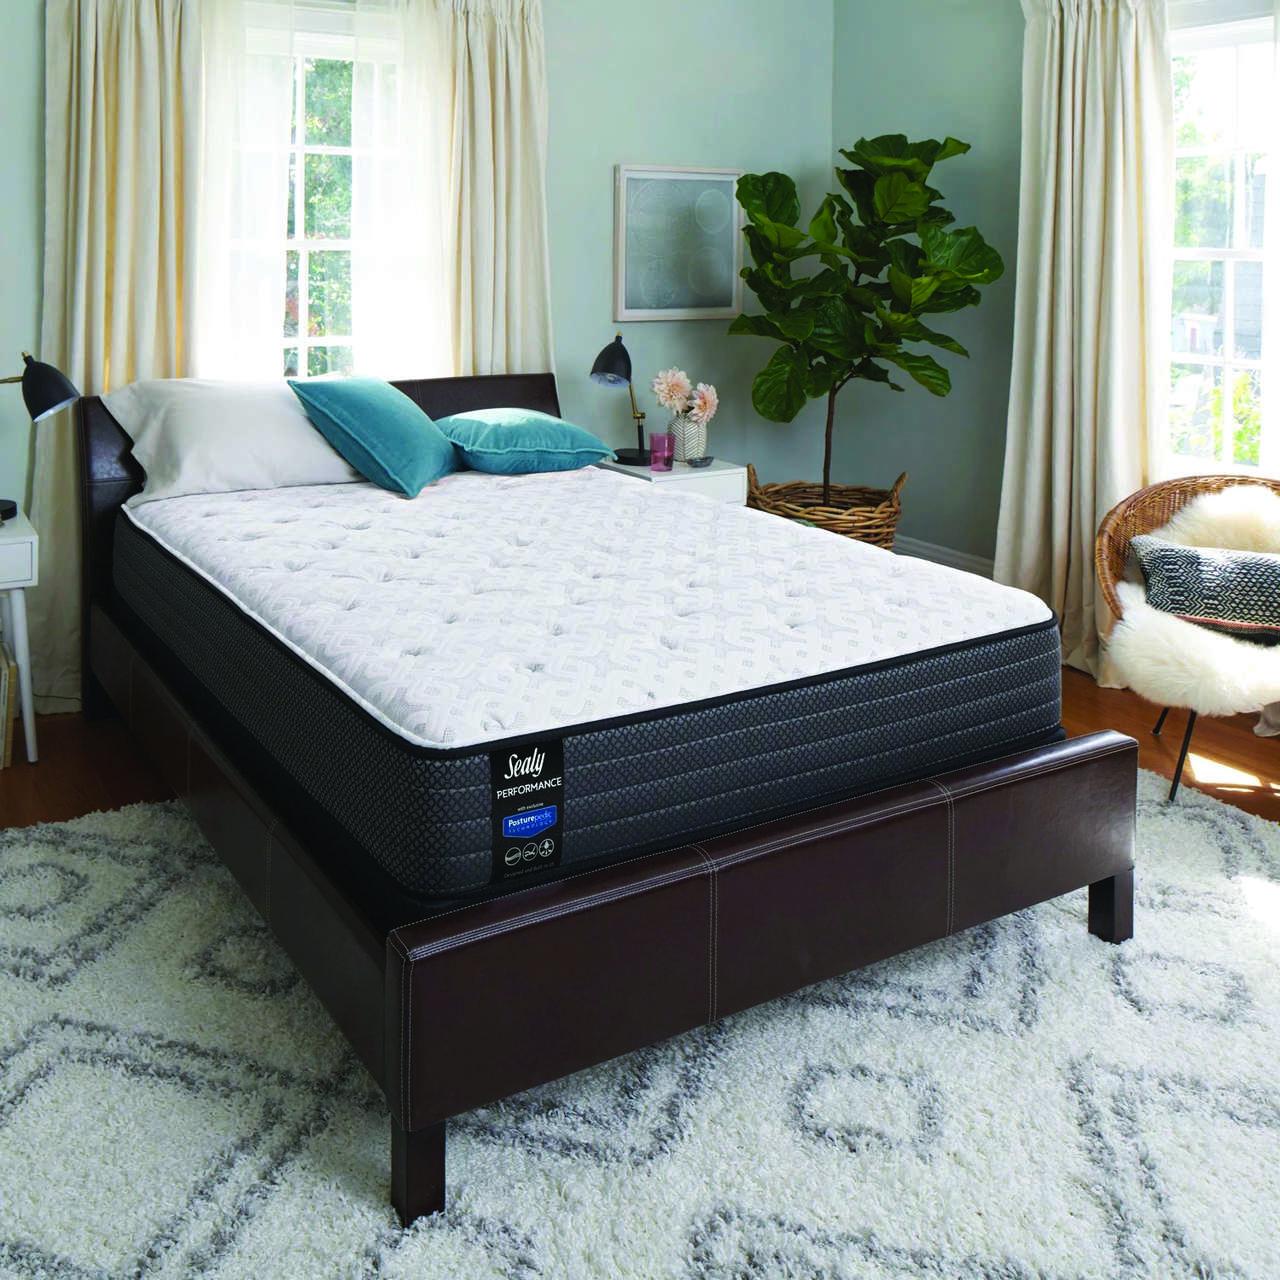 Materac Selay Energy na łóżku stojącym w sypialni pod oknem